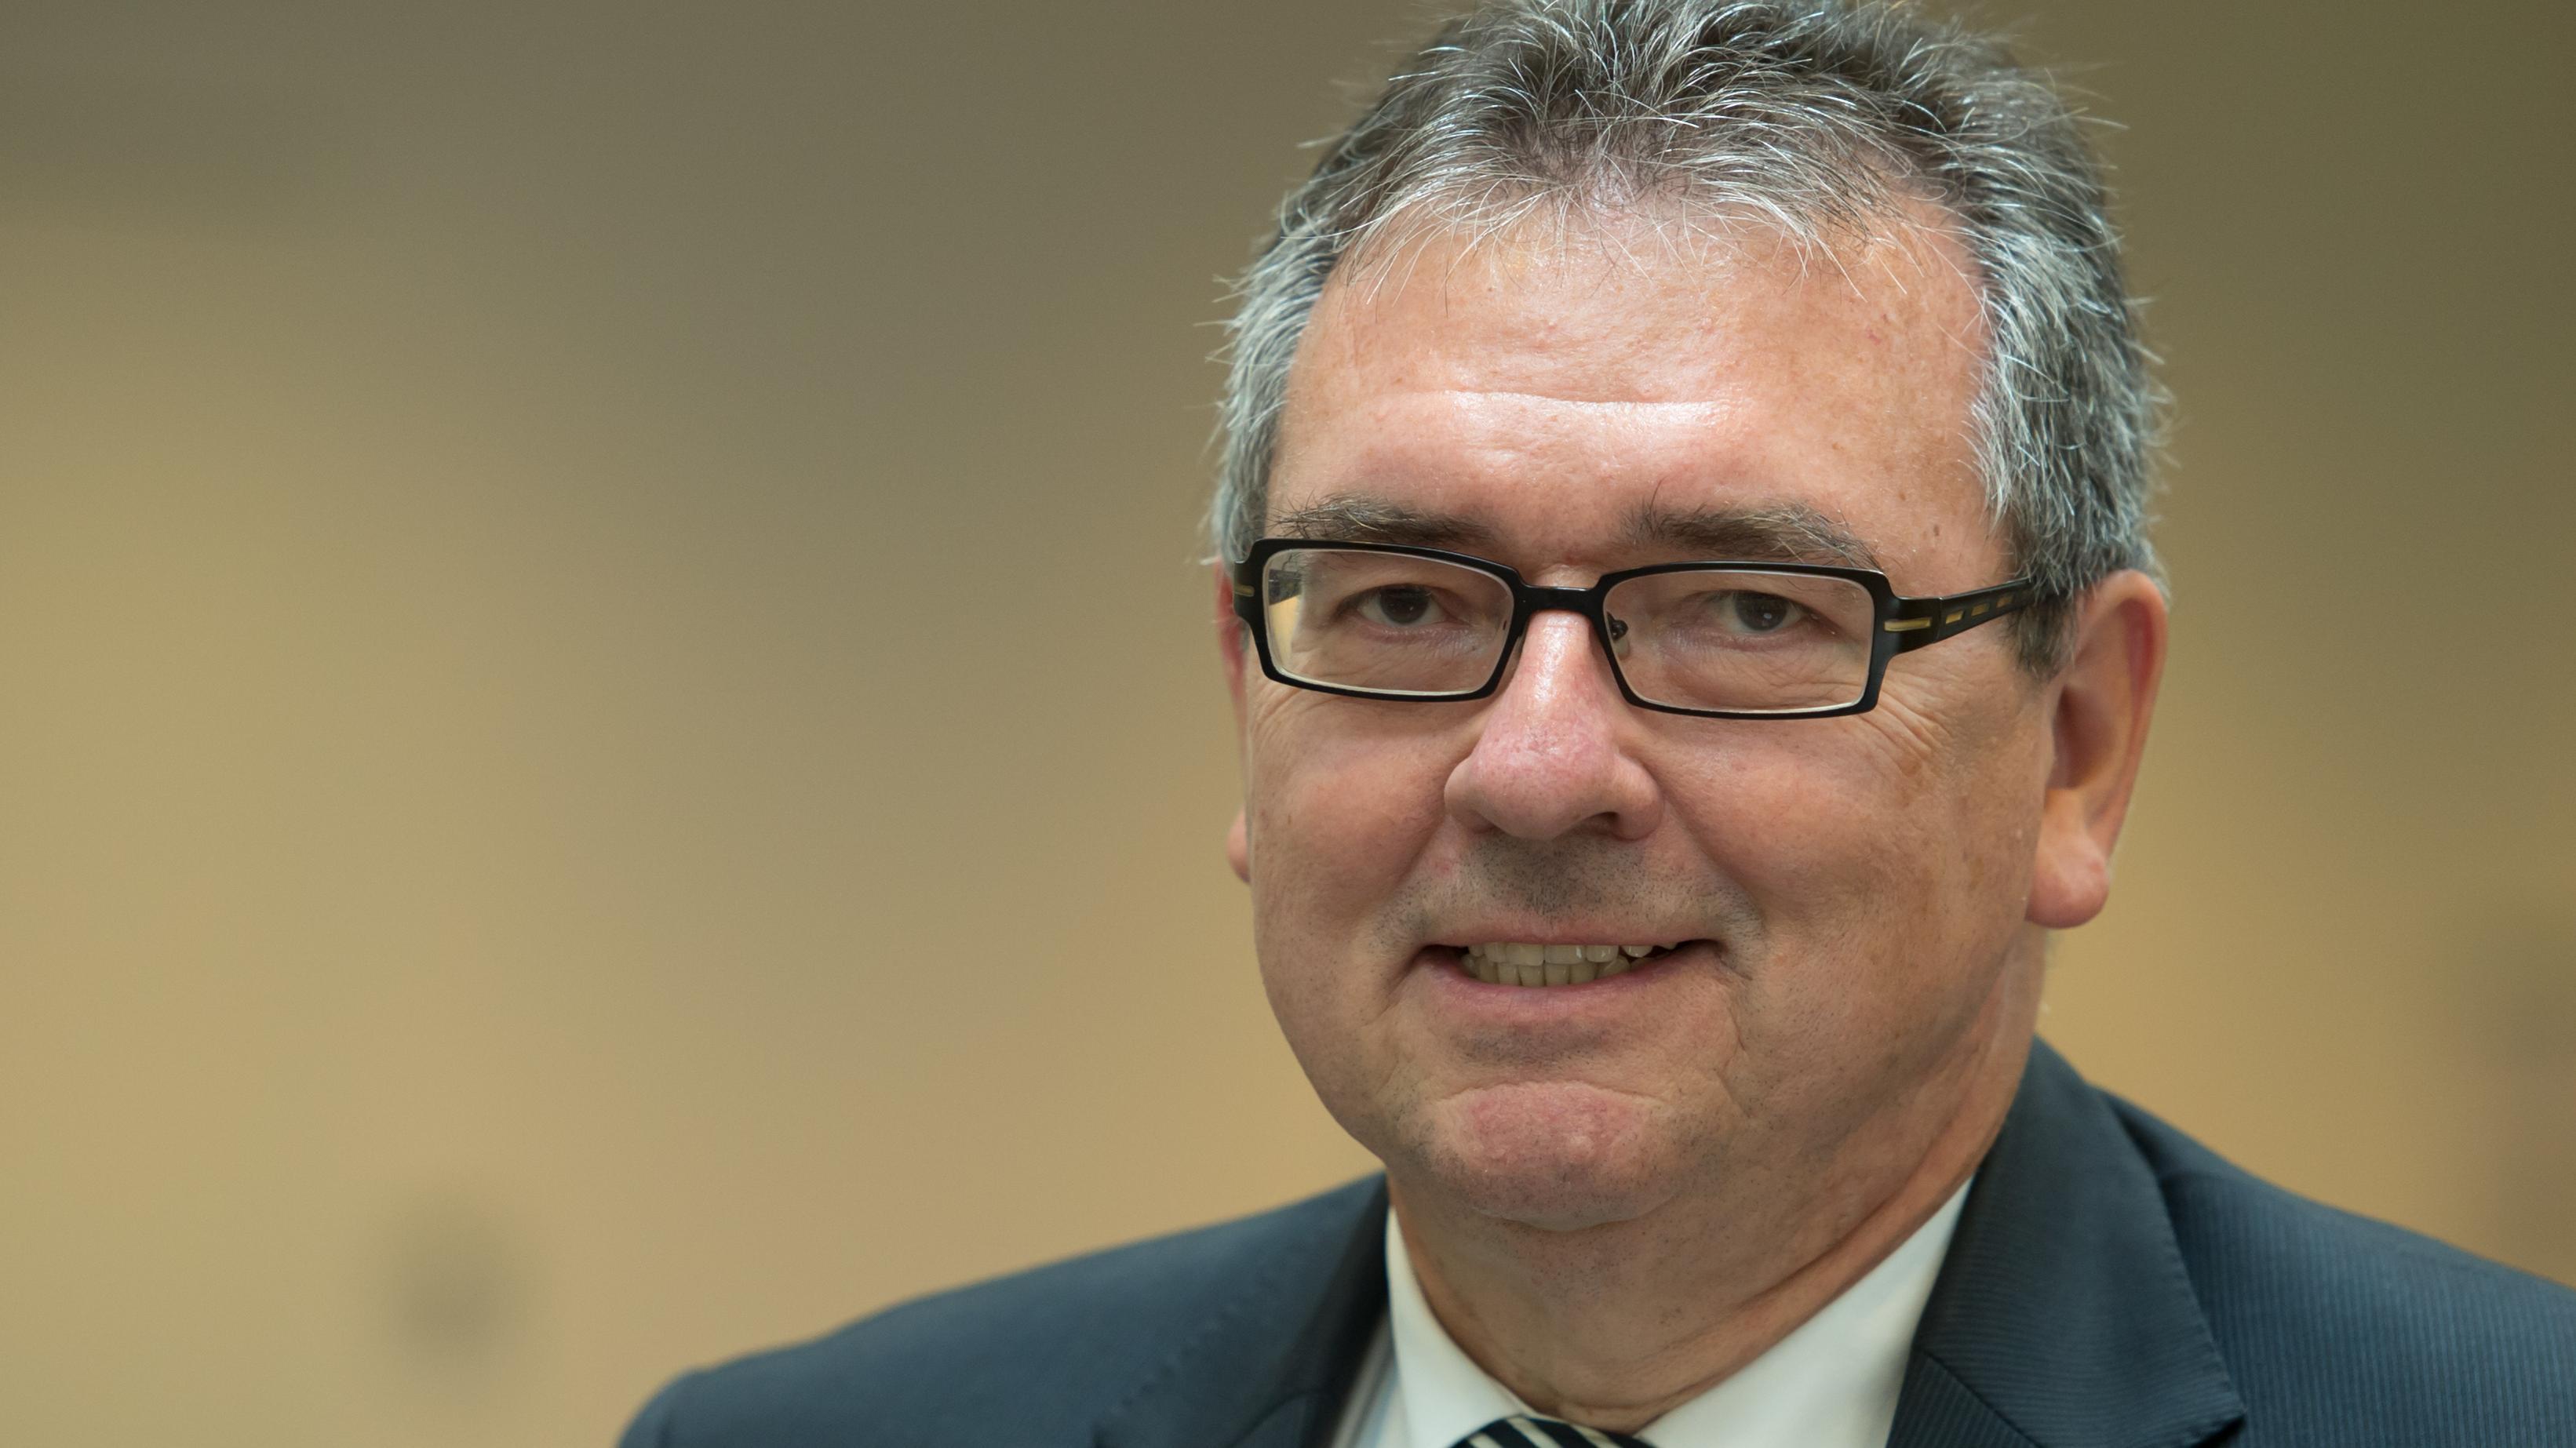 Präsident des Bayerischen Verfassungsgerichtshofs, Peter Küspert